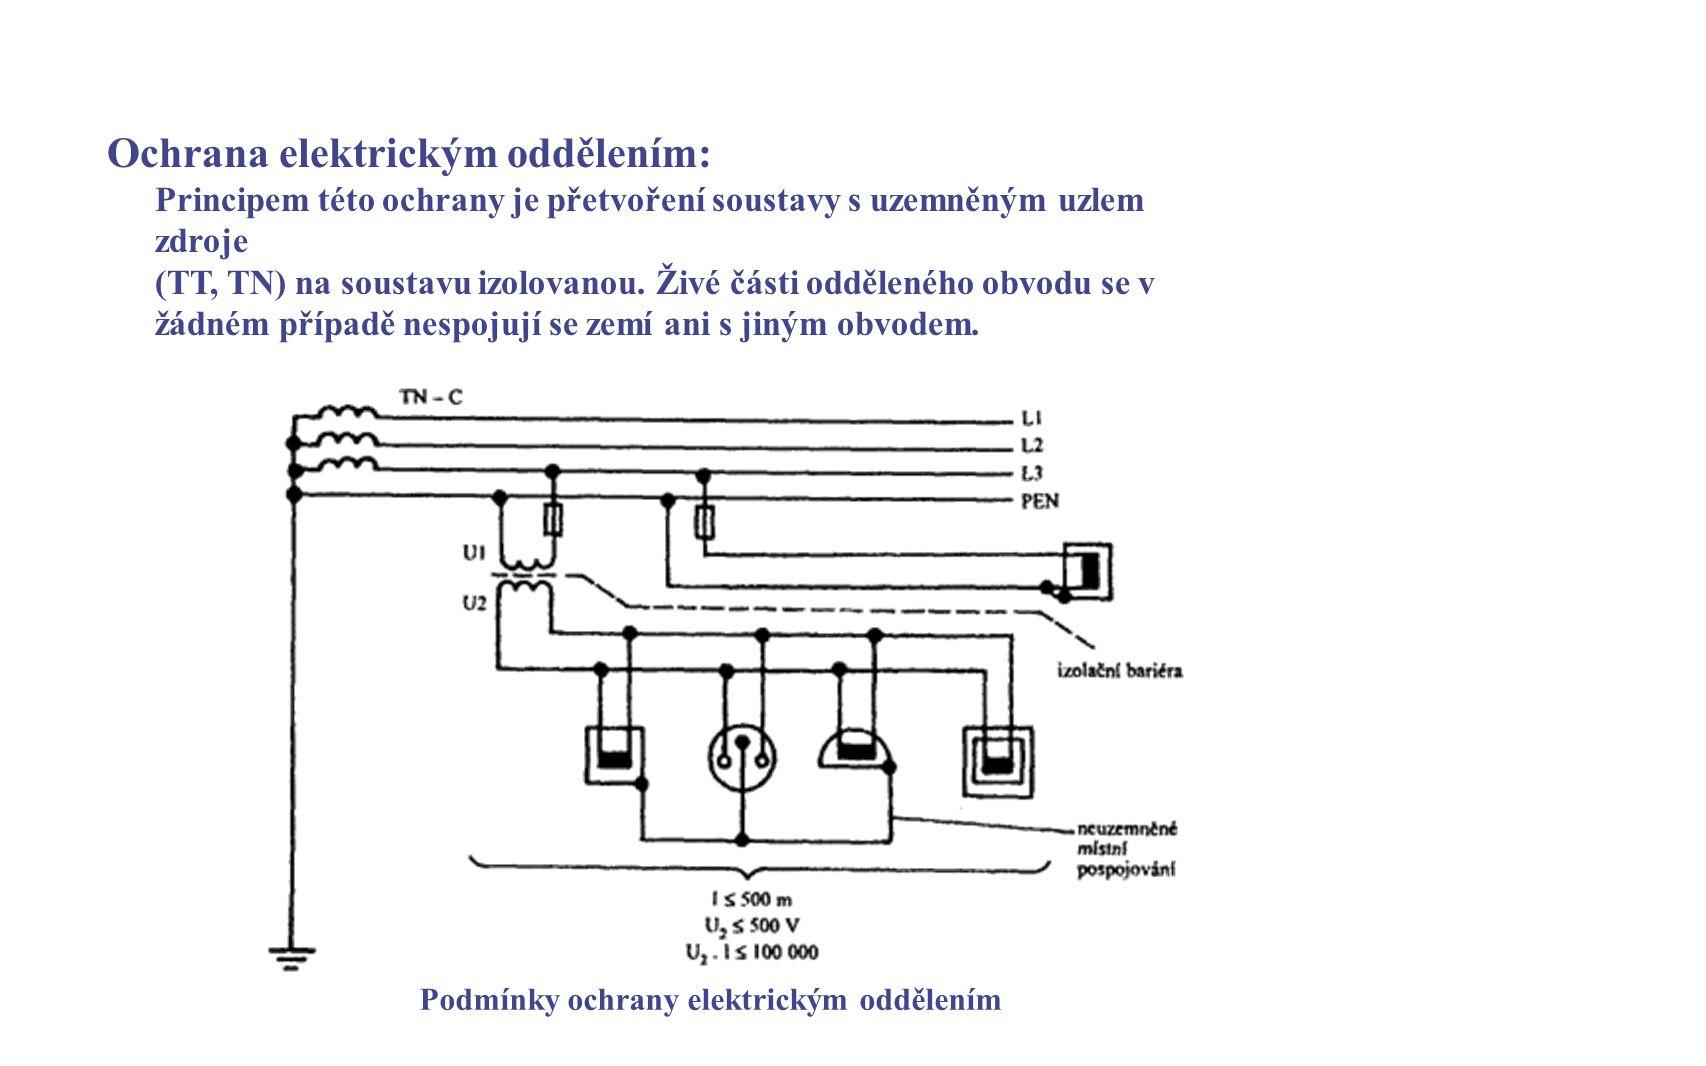 Podmínky ochrany elektrickým oddělením